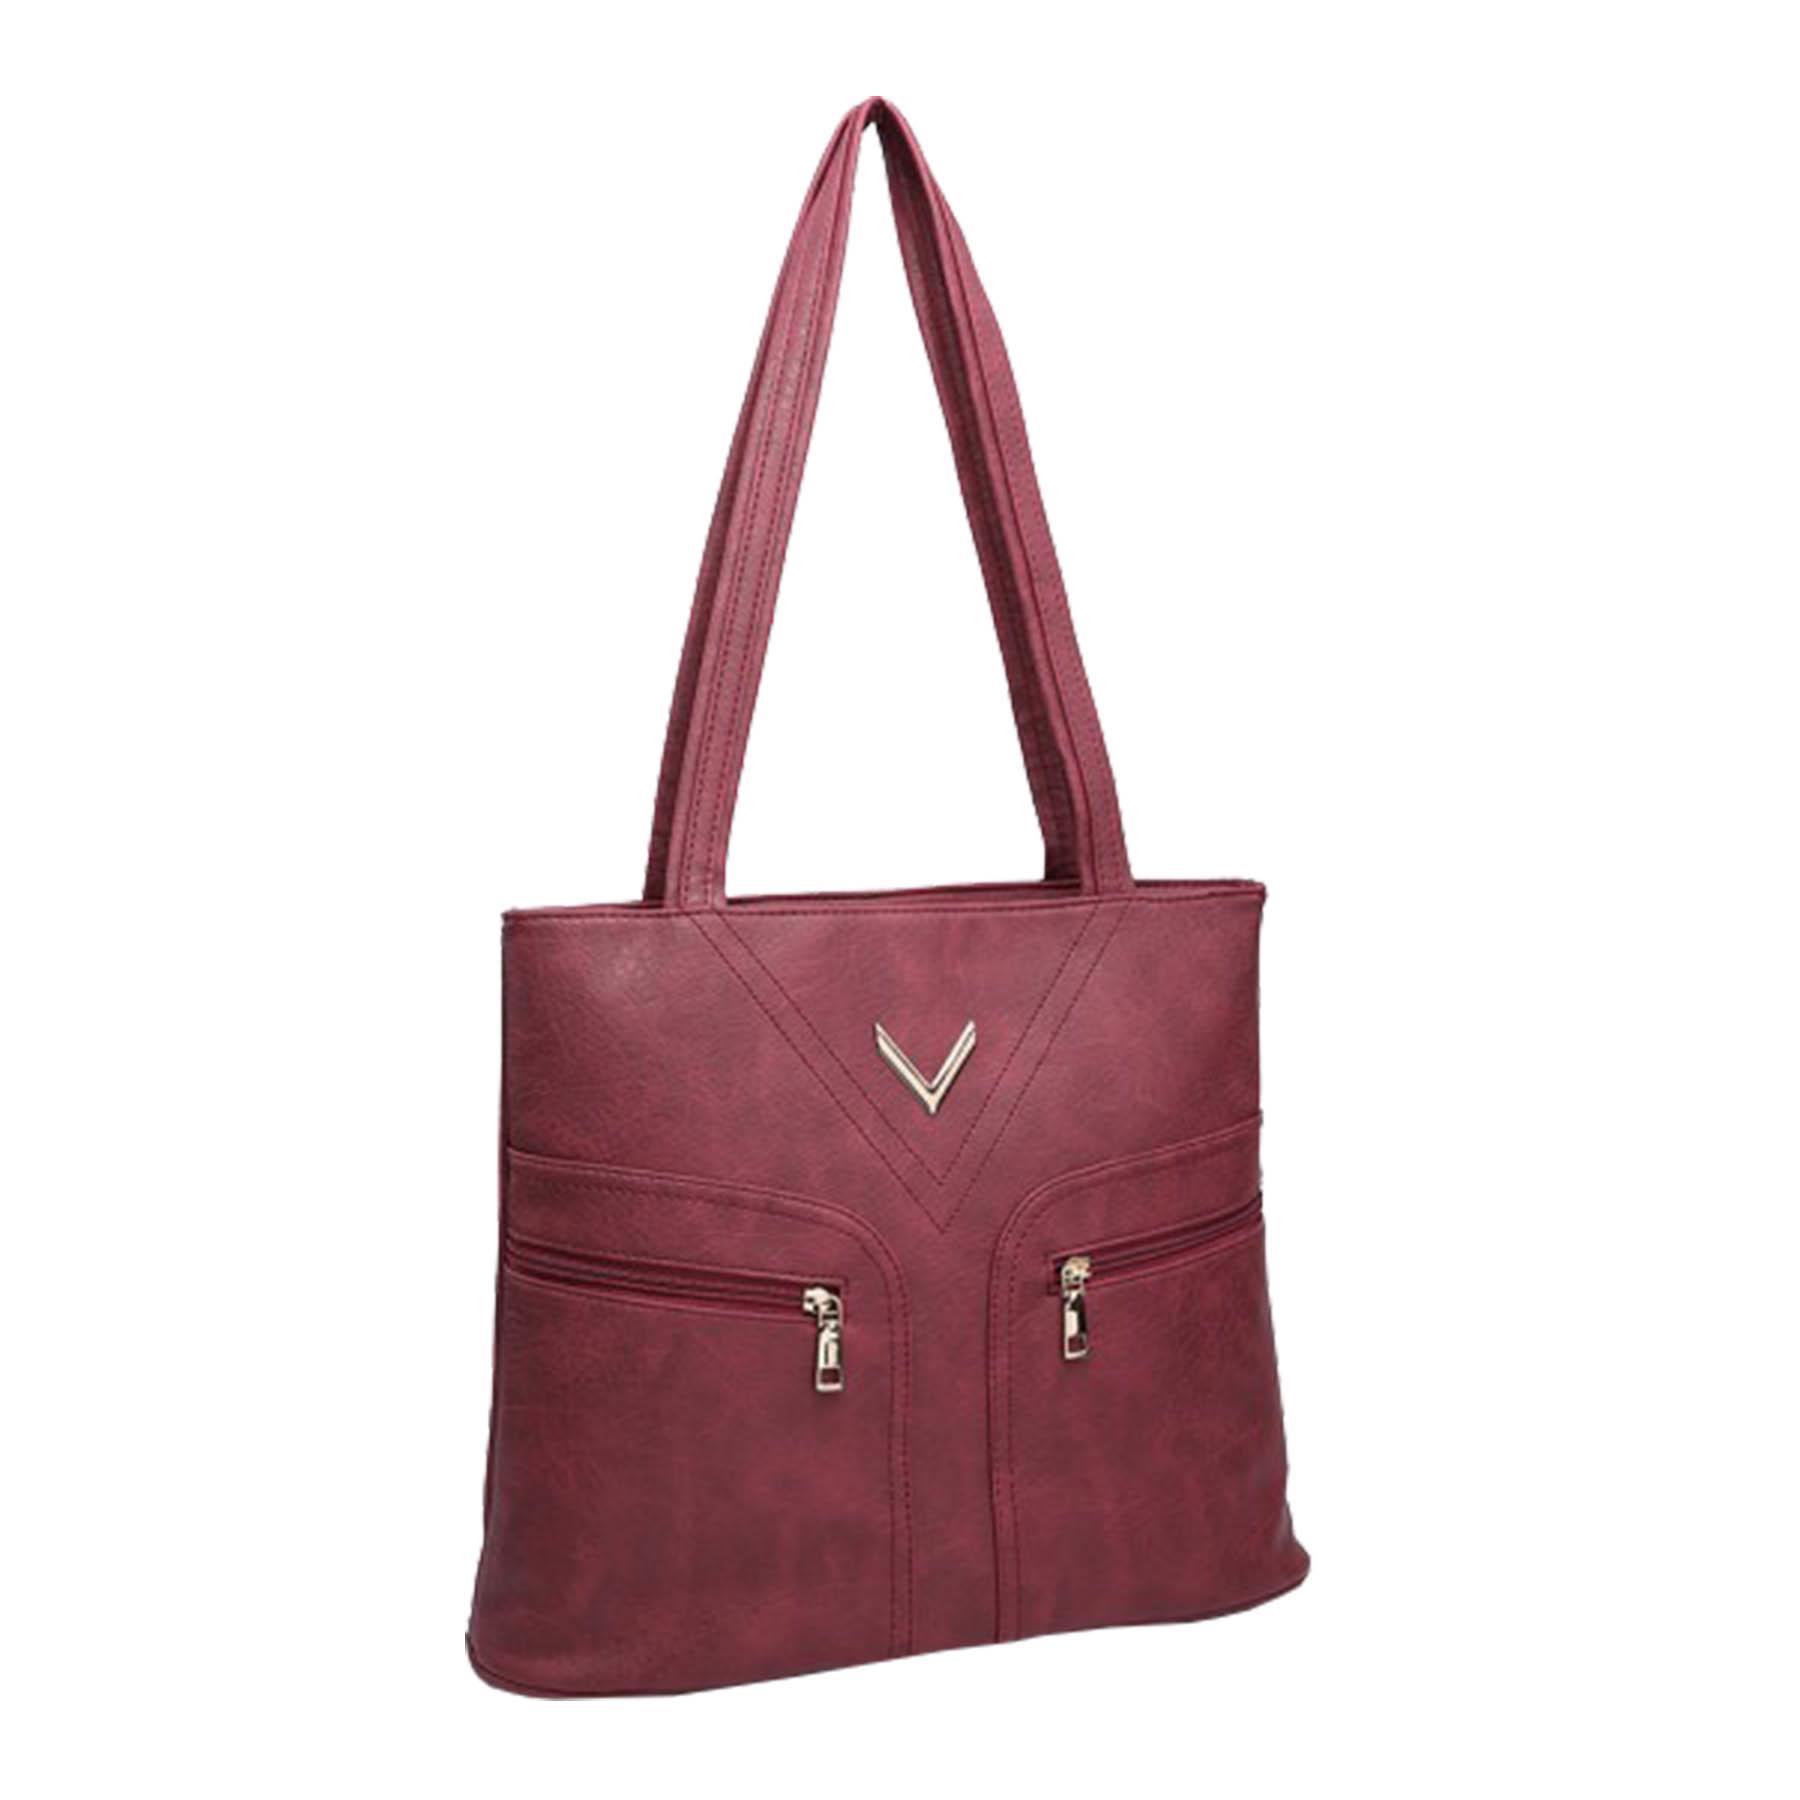 New-Ladies-Metallic-Detail-Double-Zipper-Faux-Leather-Shopper-Shoulder-Tote-Bag thumbnail 9